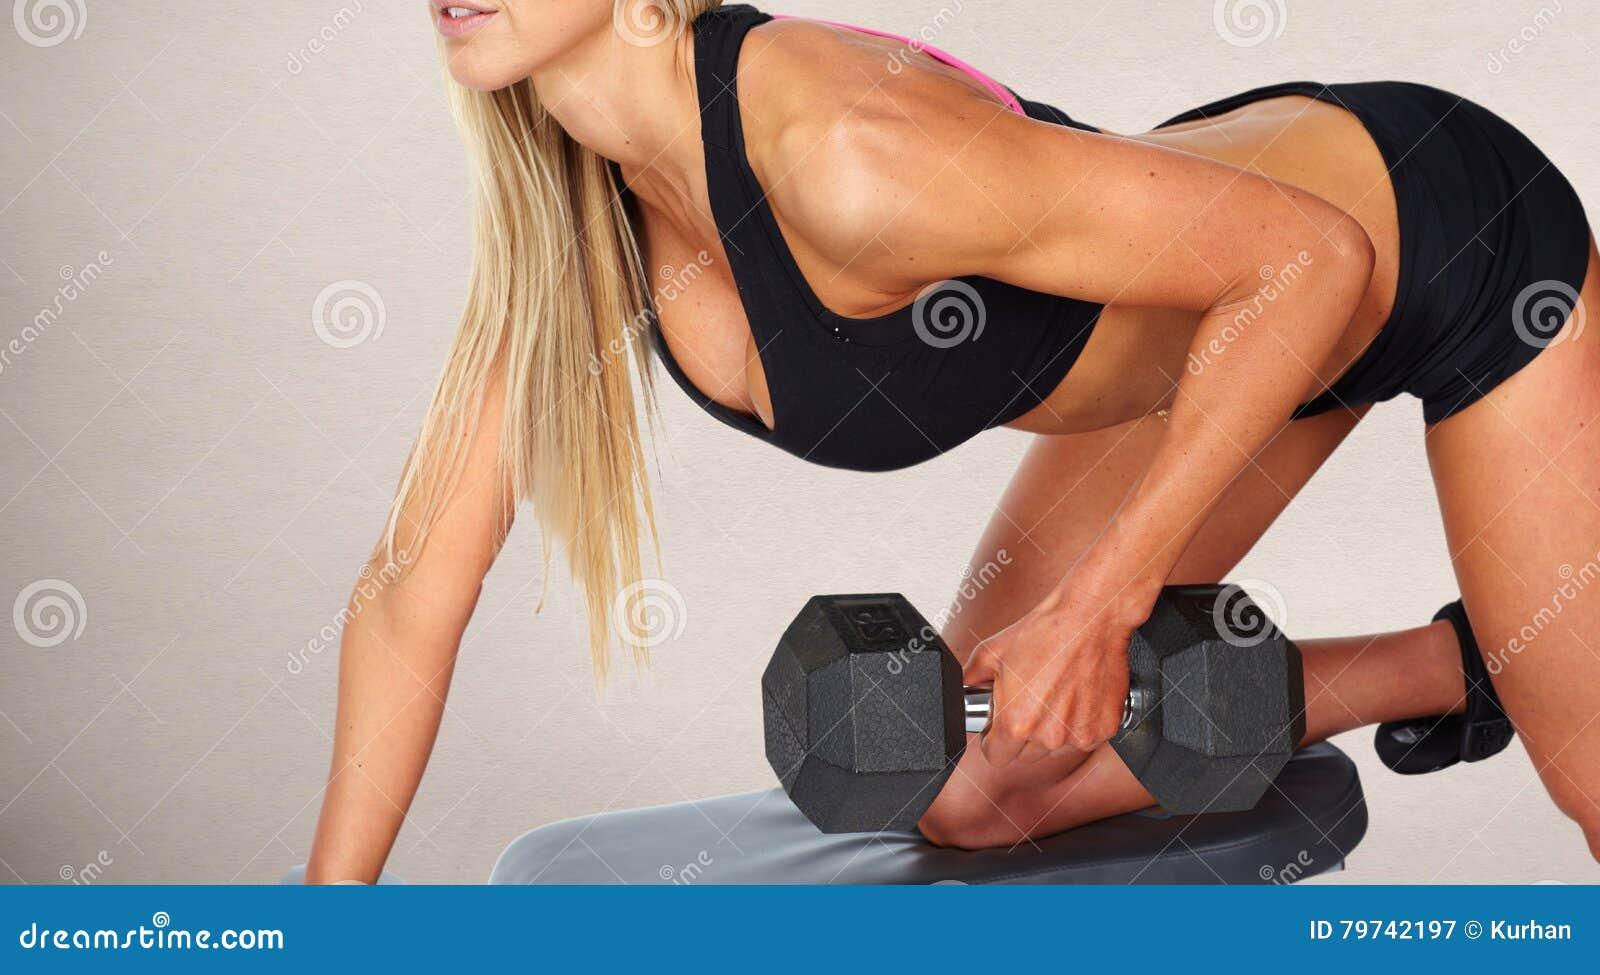 Ejercicio de la pesa de gimnasia de la mujer